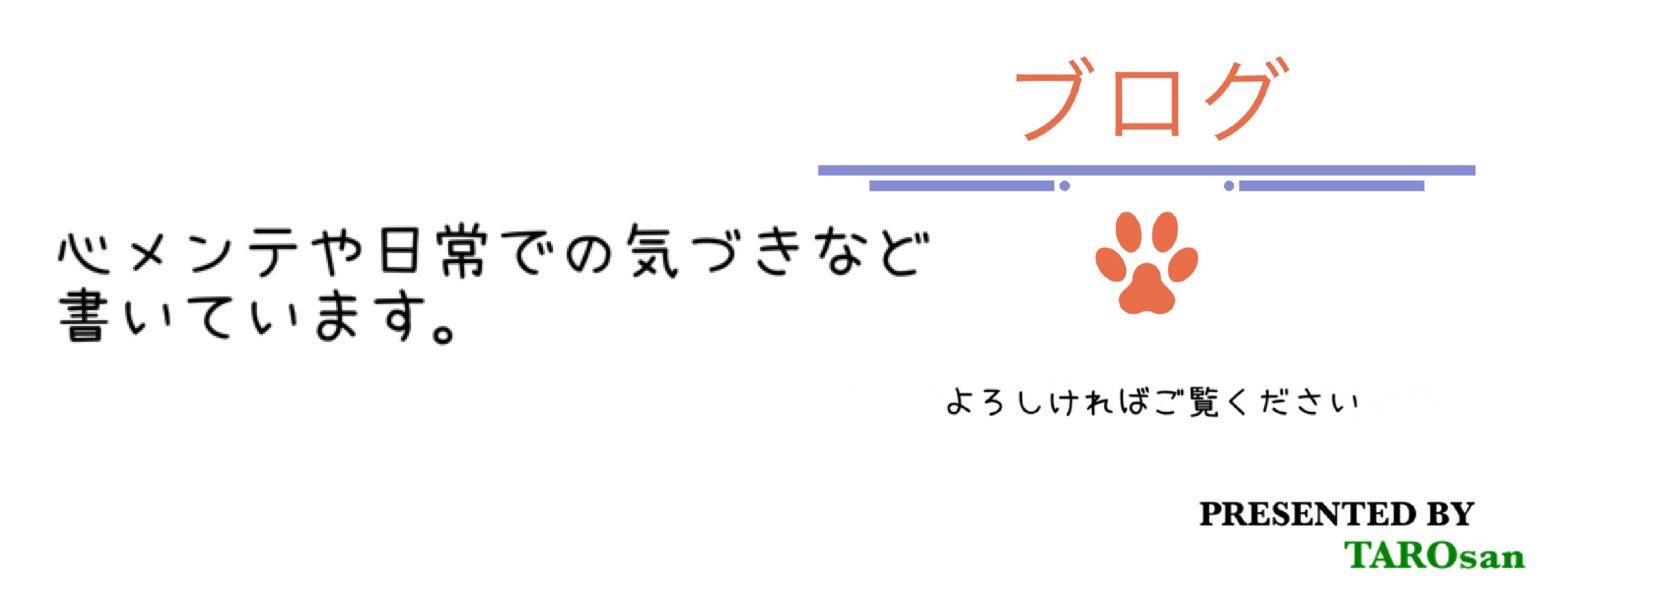 ブログ ロゴ